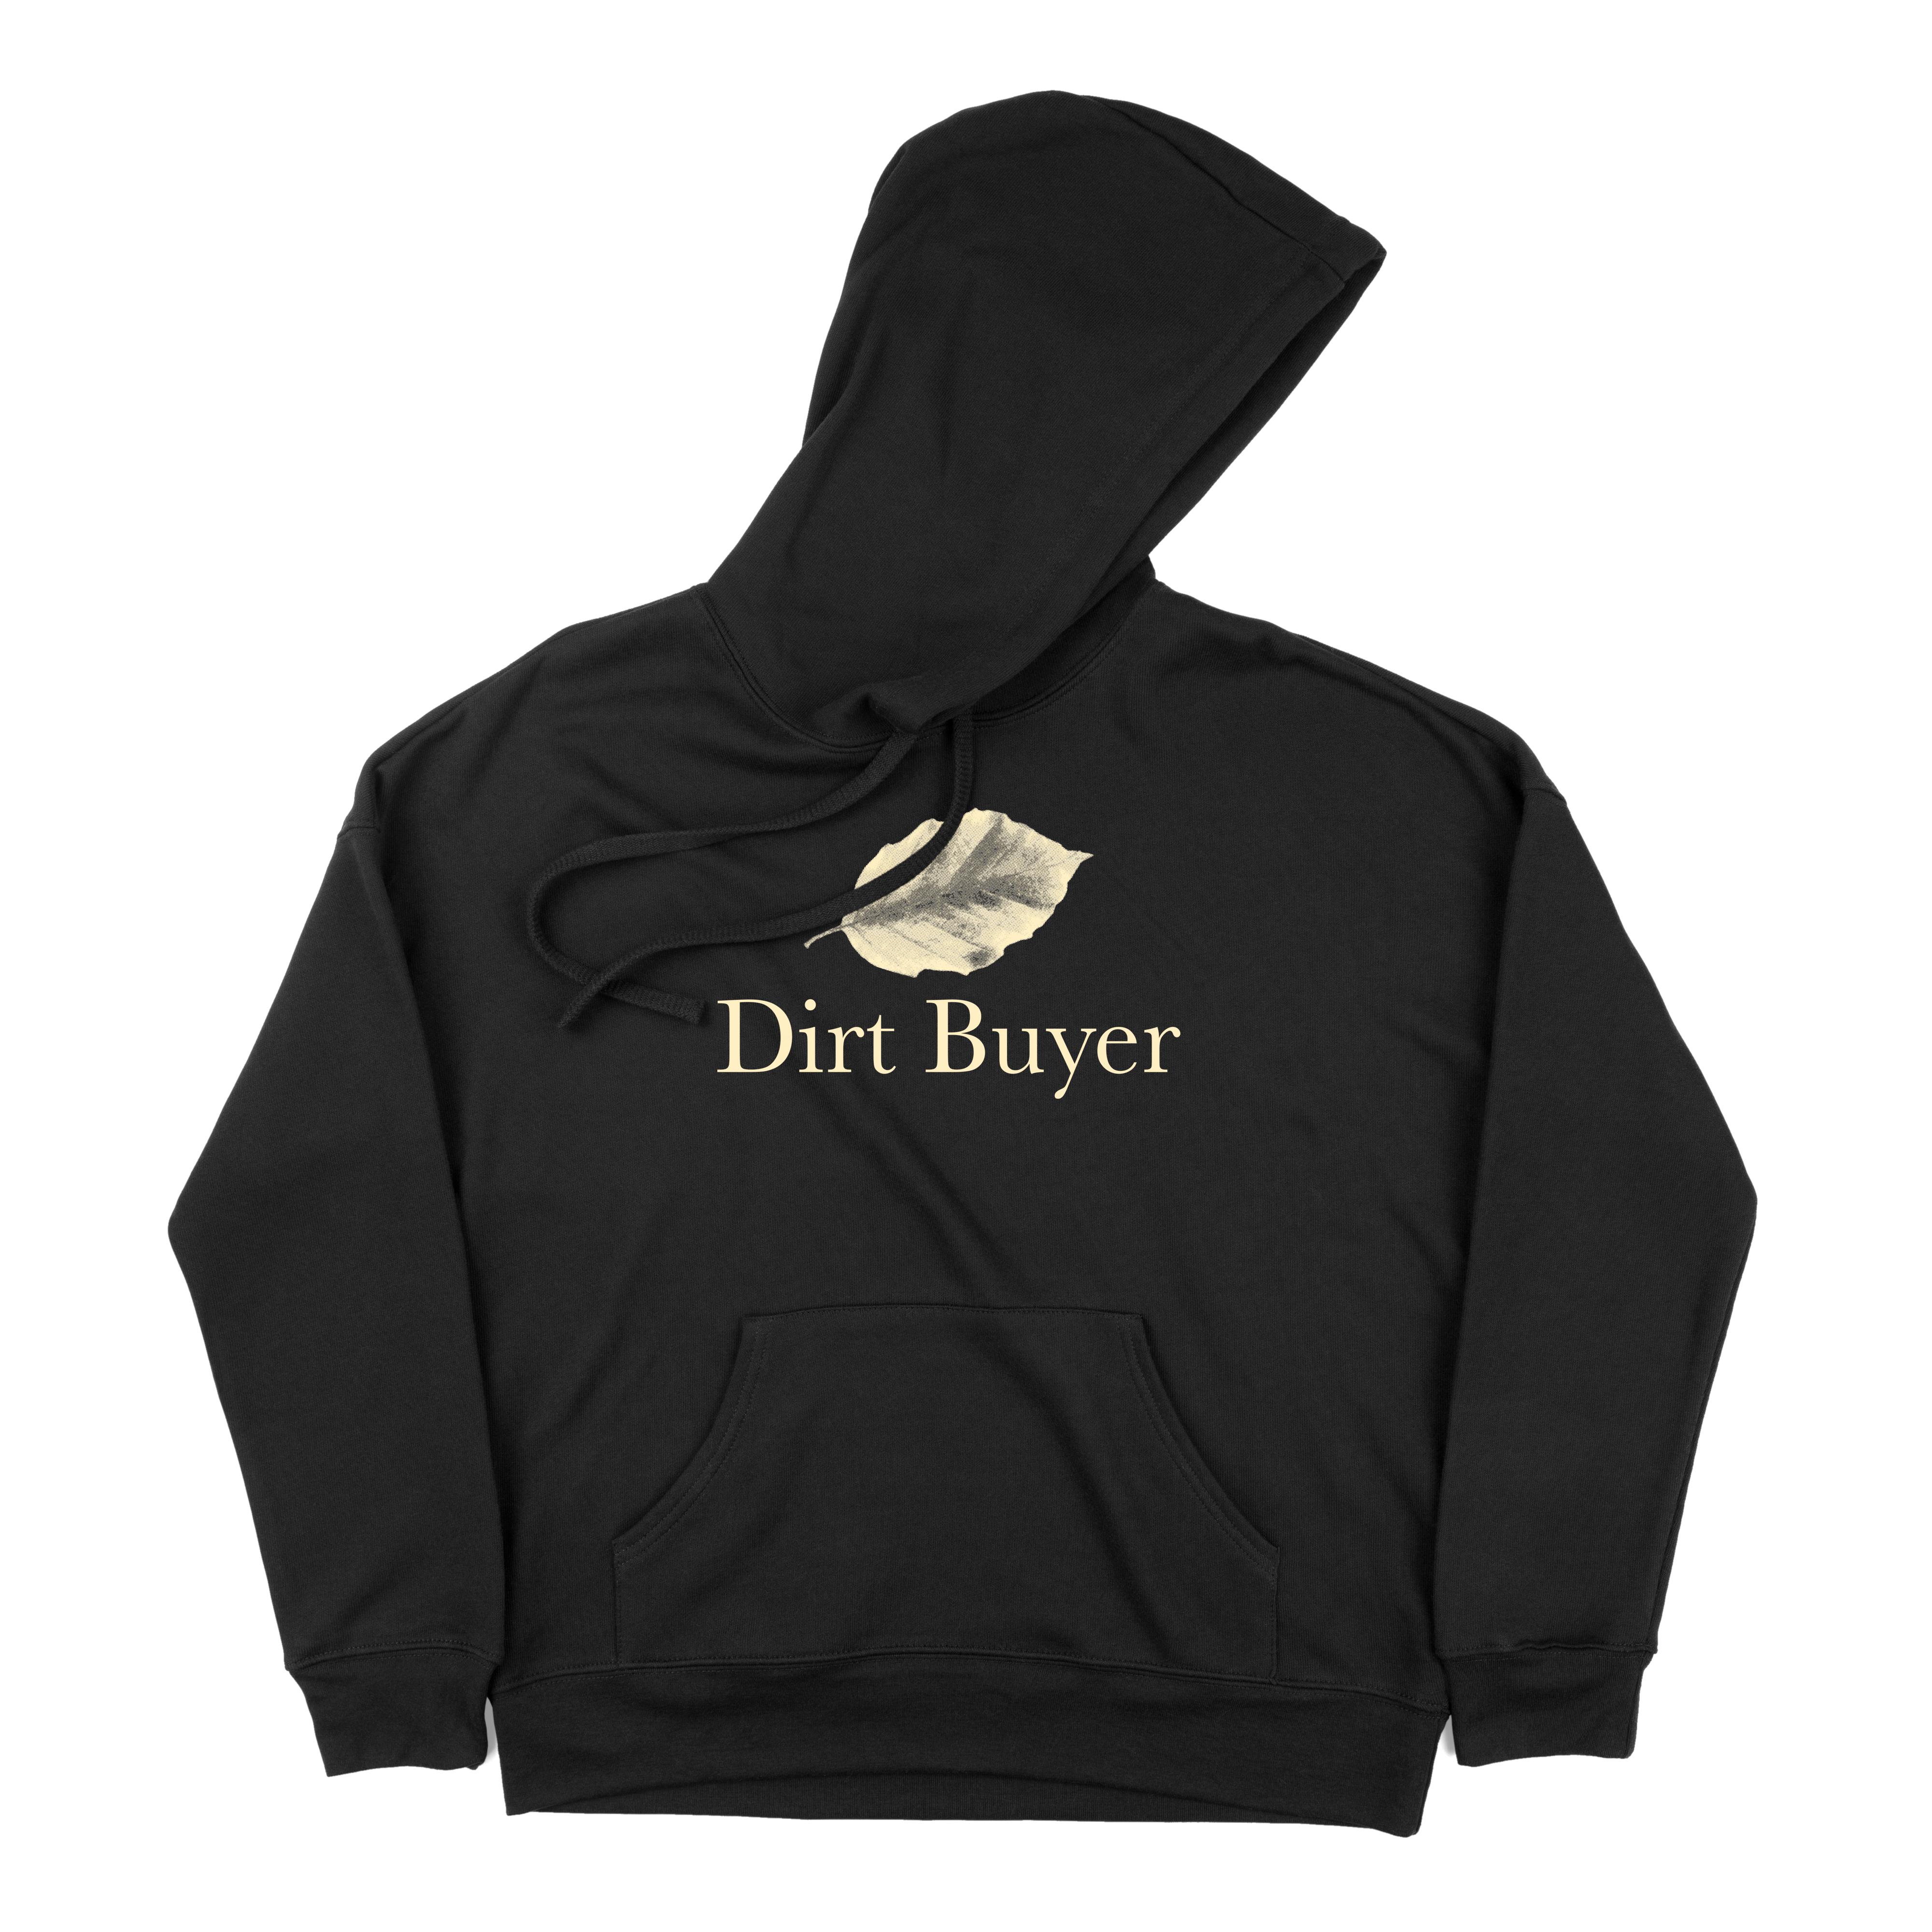 Dirt Buyer - Logo Hoodie